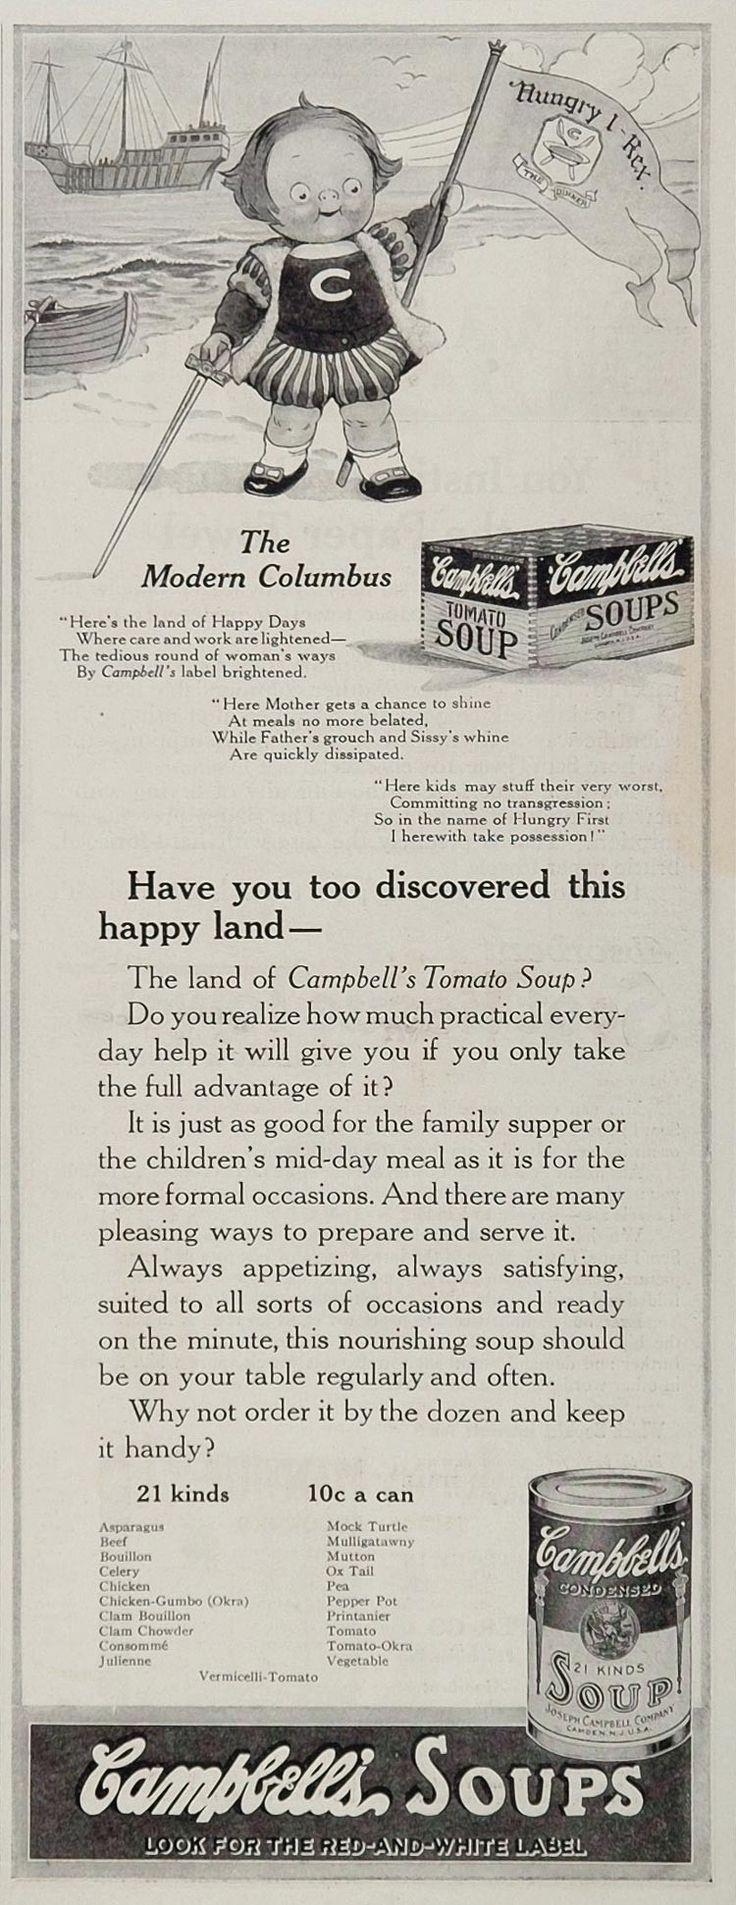 804 best Soup images on Pinterest   Vintage ads, Vintage ...